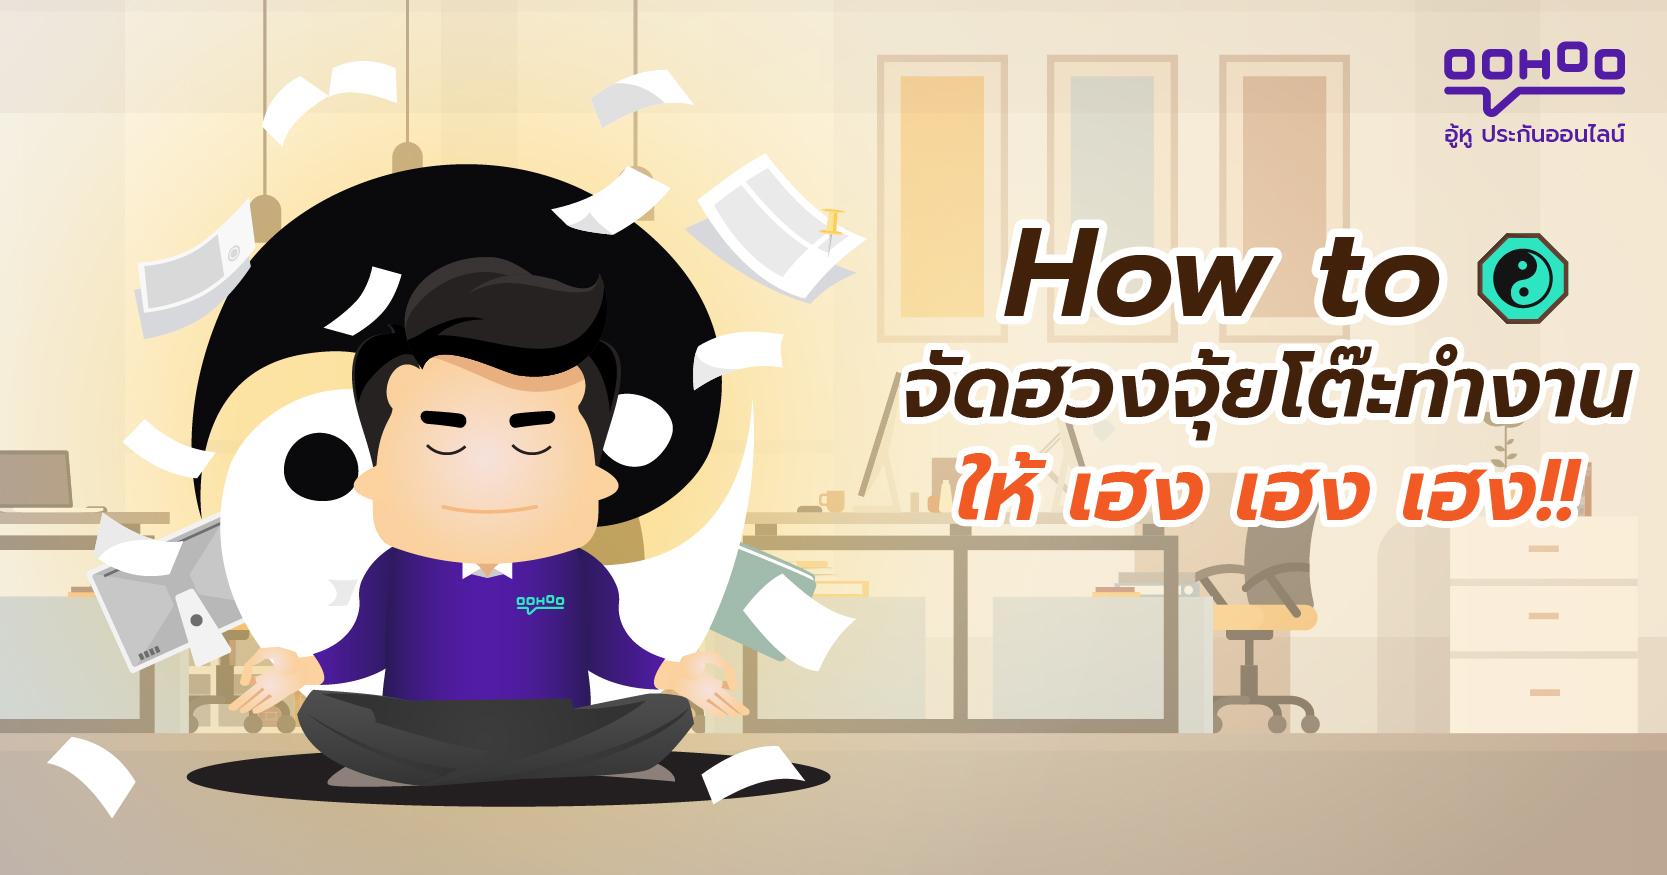 How toจัดฮวงจุ้ยโต๊ะทำงาน